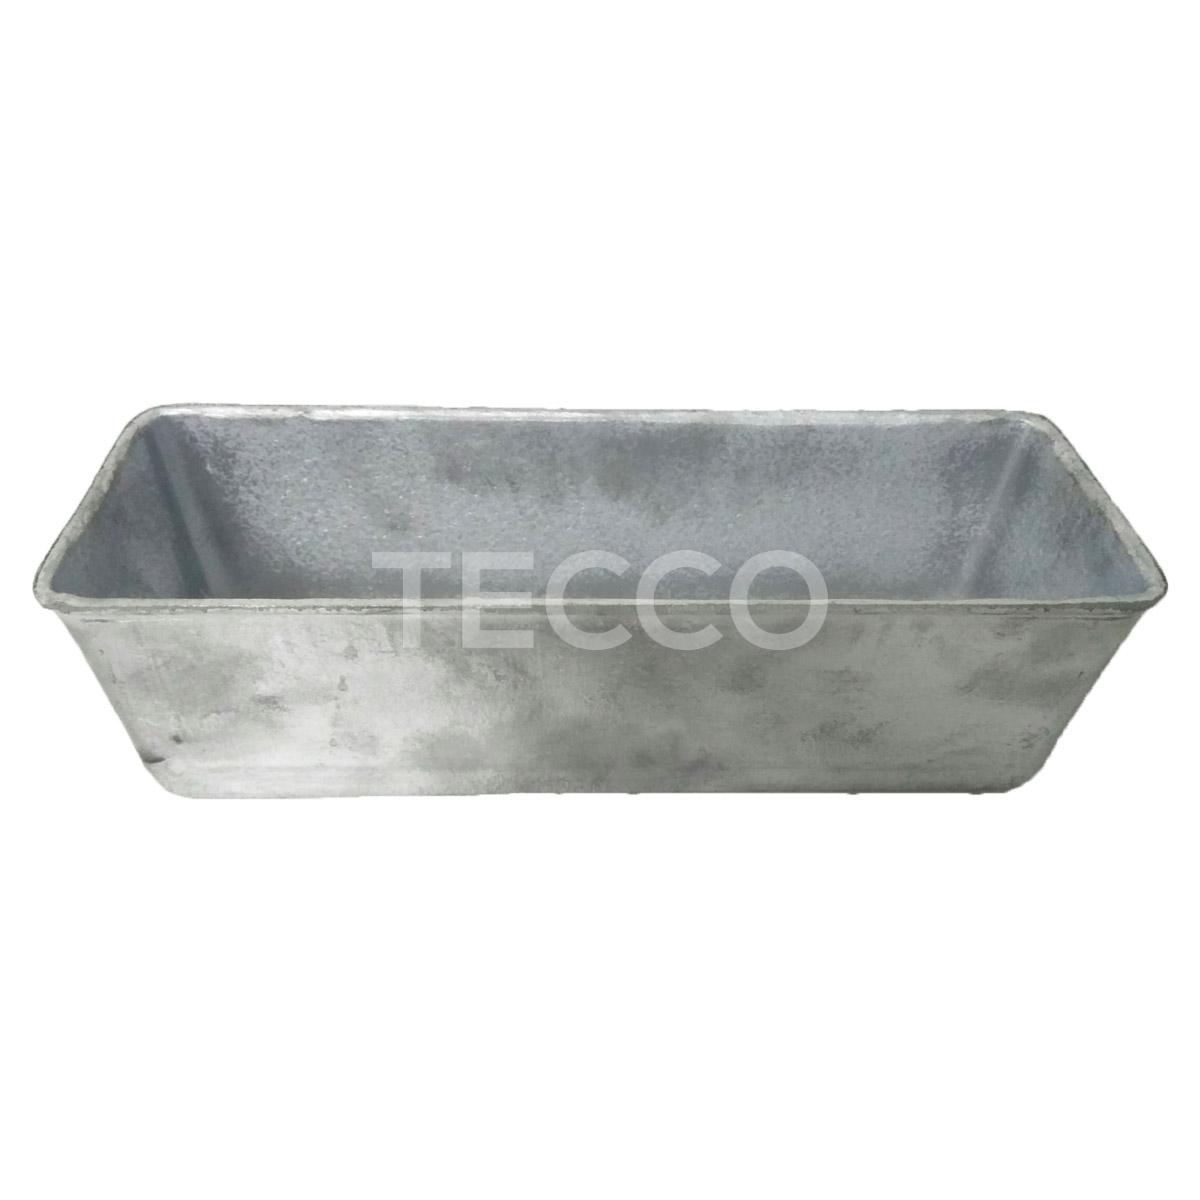 Форма хлебная Tecco «Тостерная-1» 304x100x93